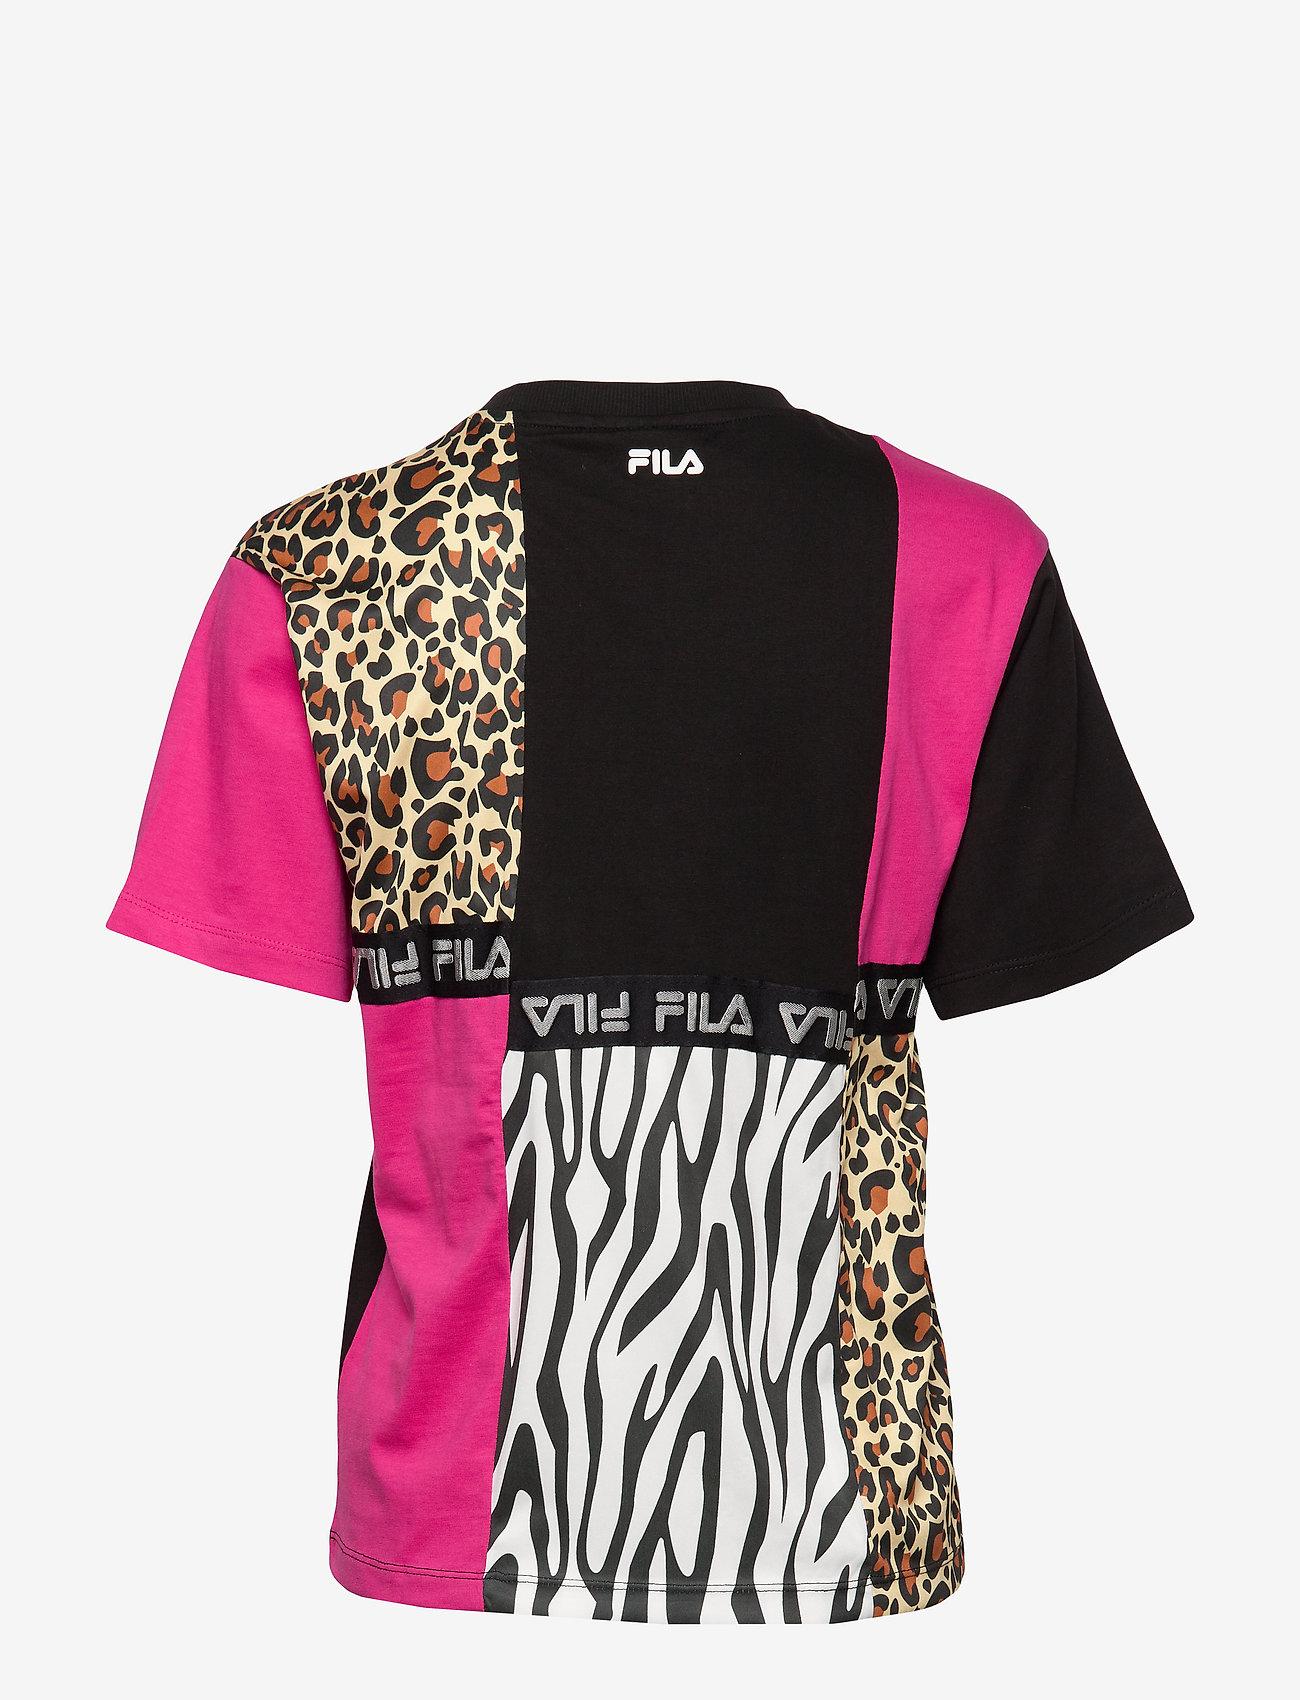 Fila Women Palila Tee - T-shirts & Tops